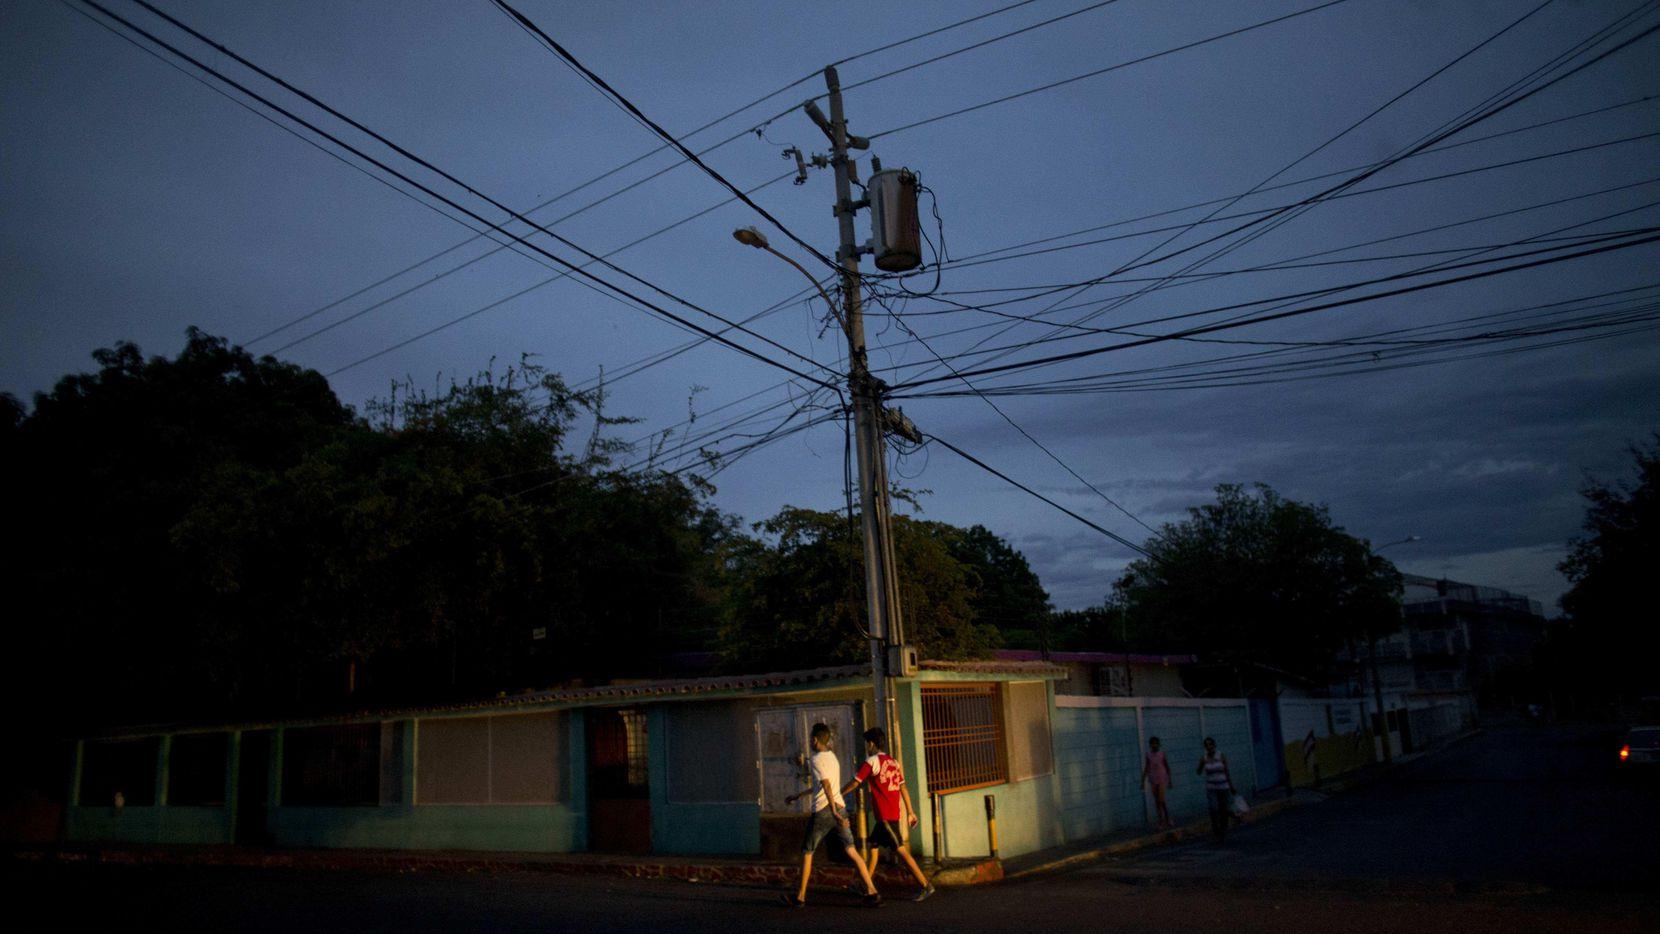 Residente de la vecindad de La Chinita, en Maracaibo, caminan en una noche oscura por la falta de luz eléctrica en varias ciudades de Venezuela.(AP)